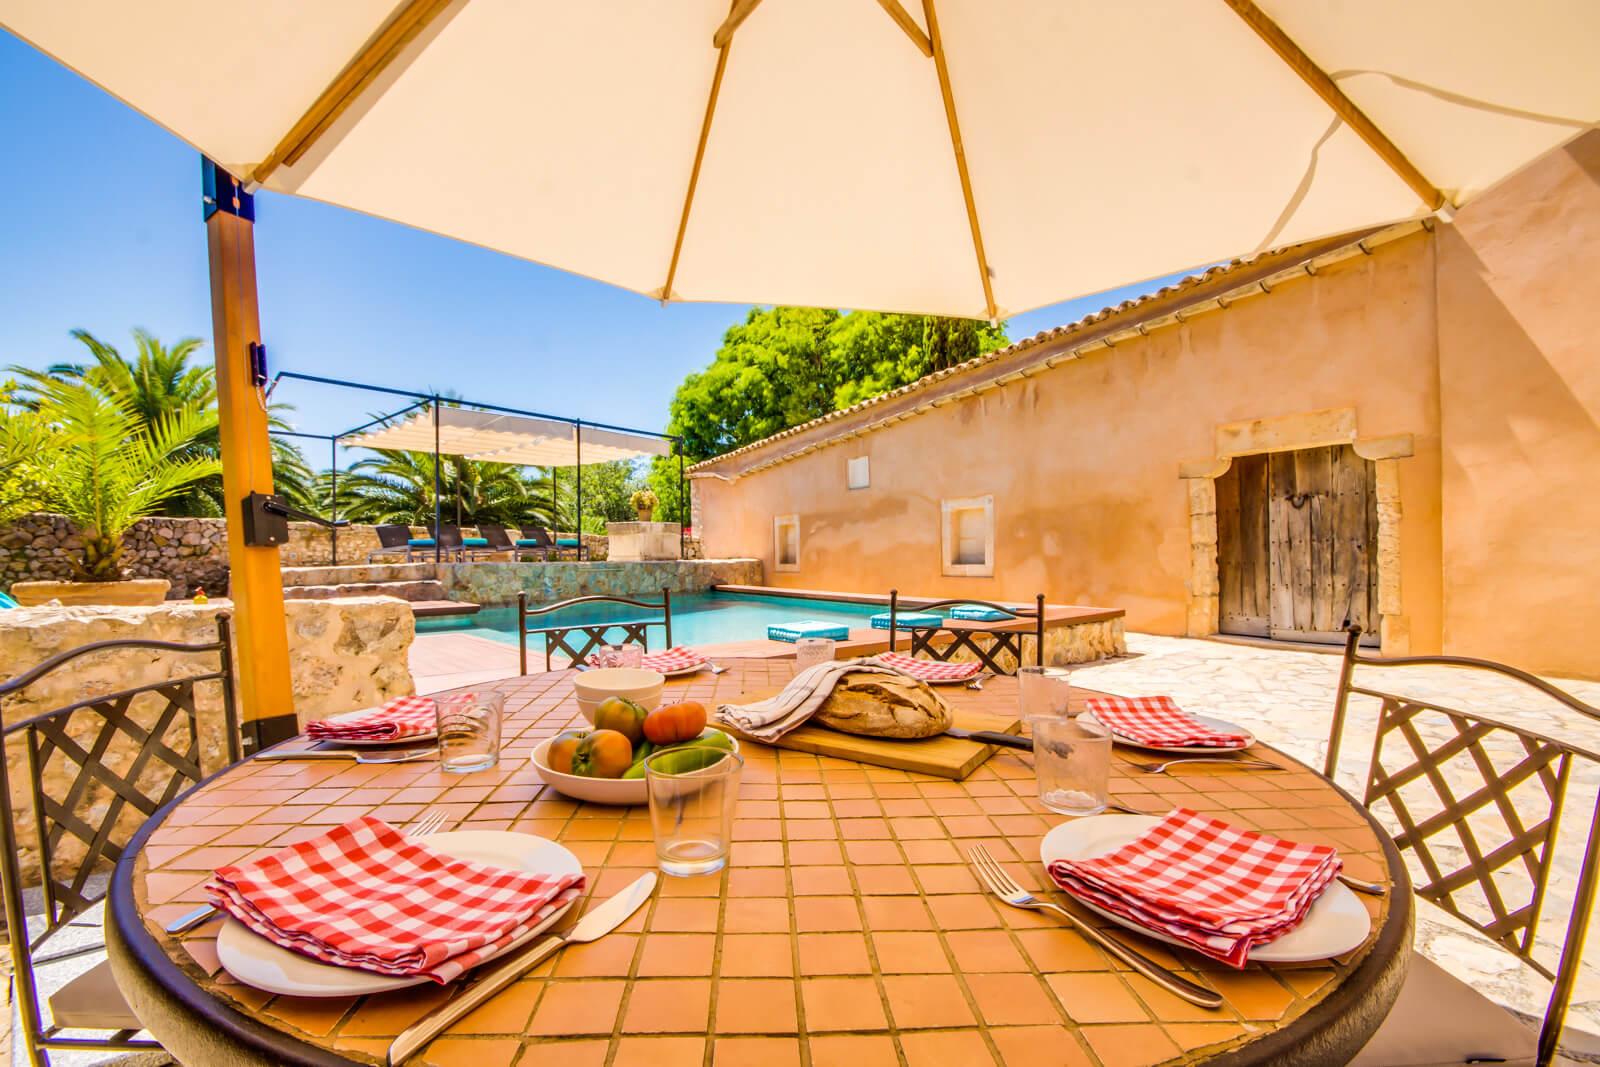 Finca Romantica Esstisch mit Blick auf den Pool